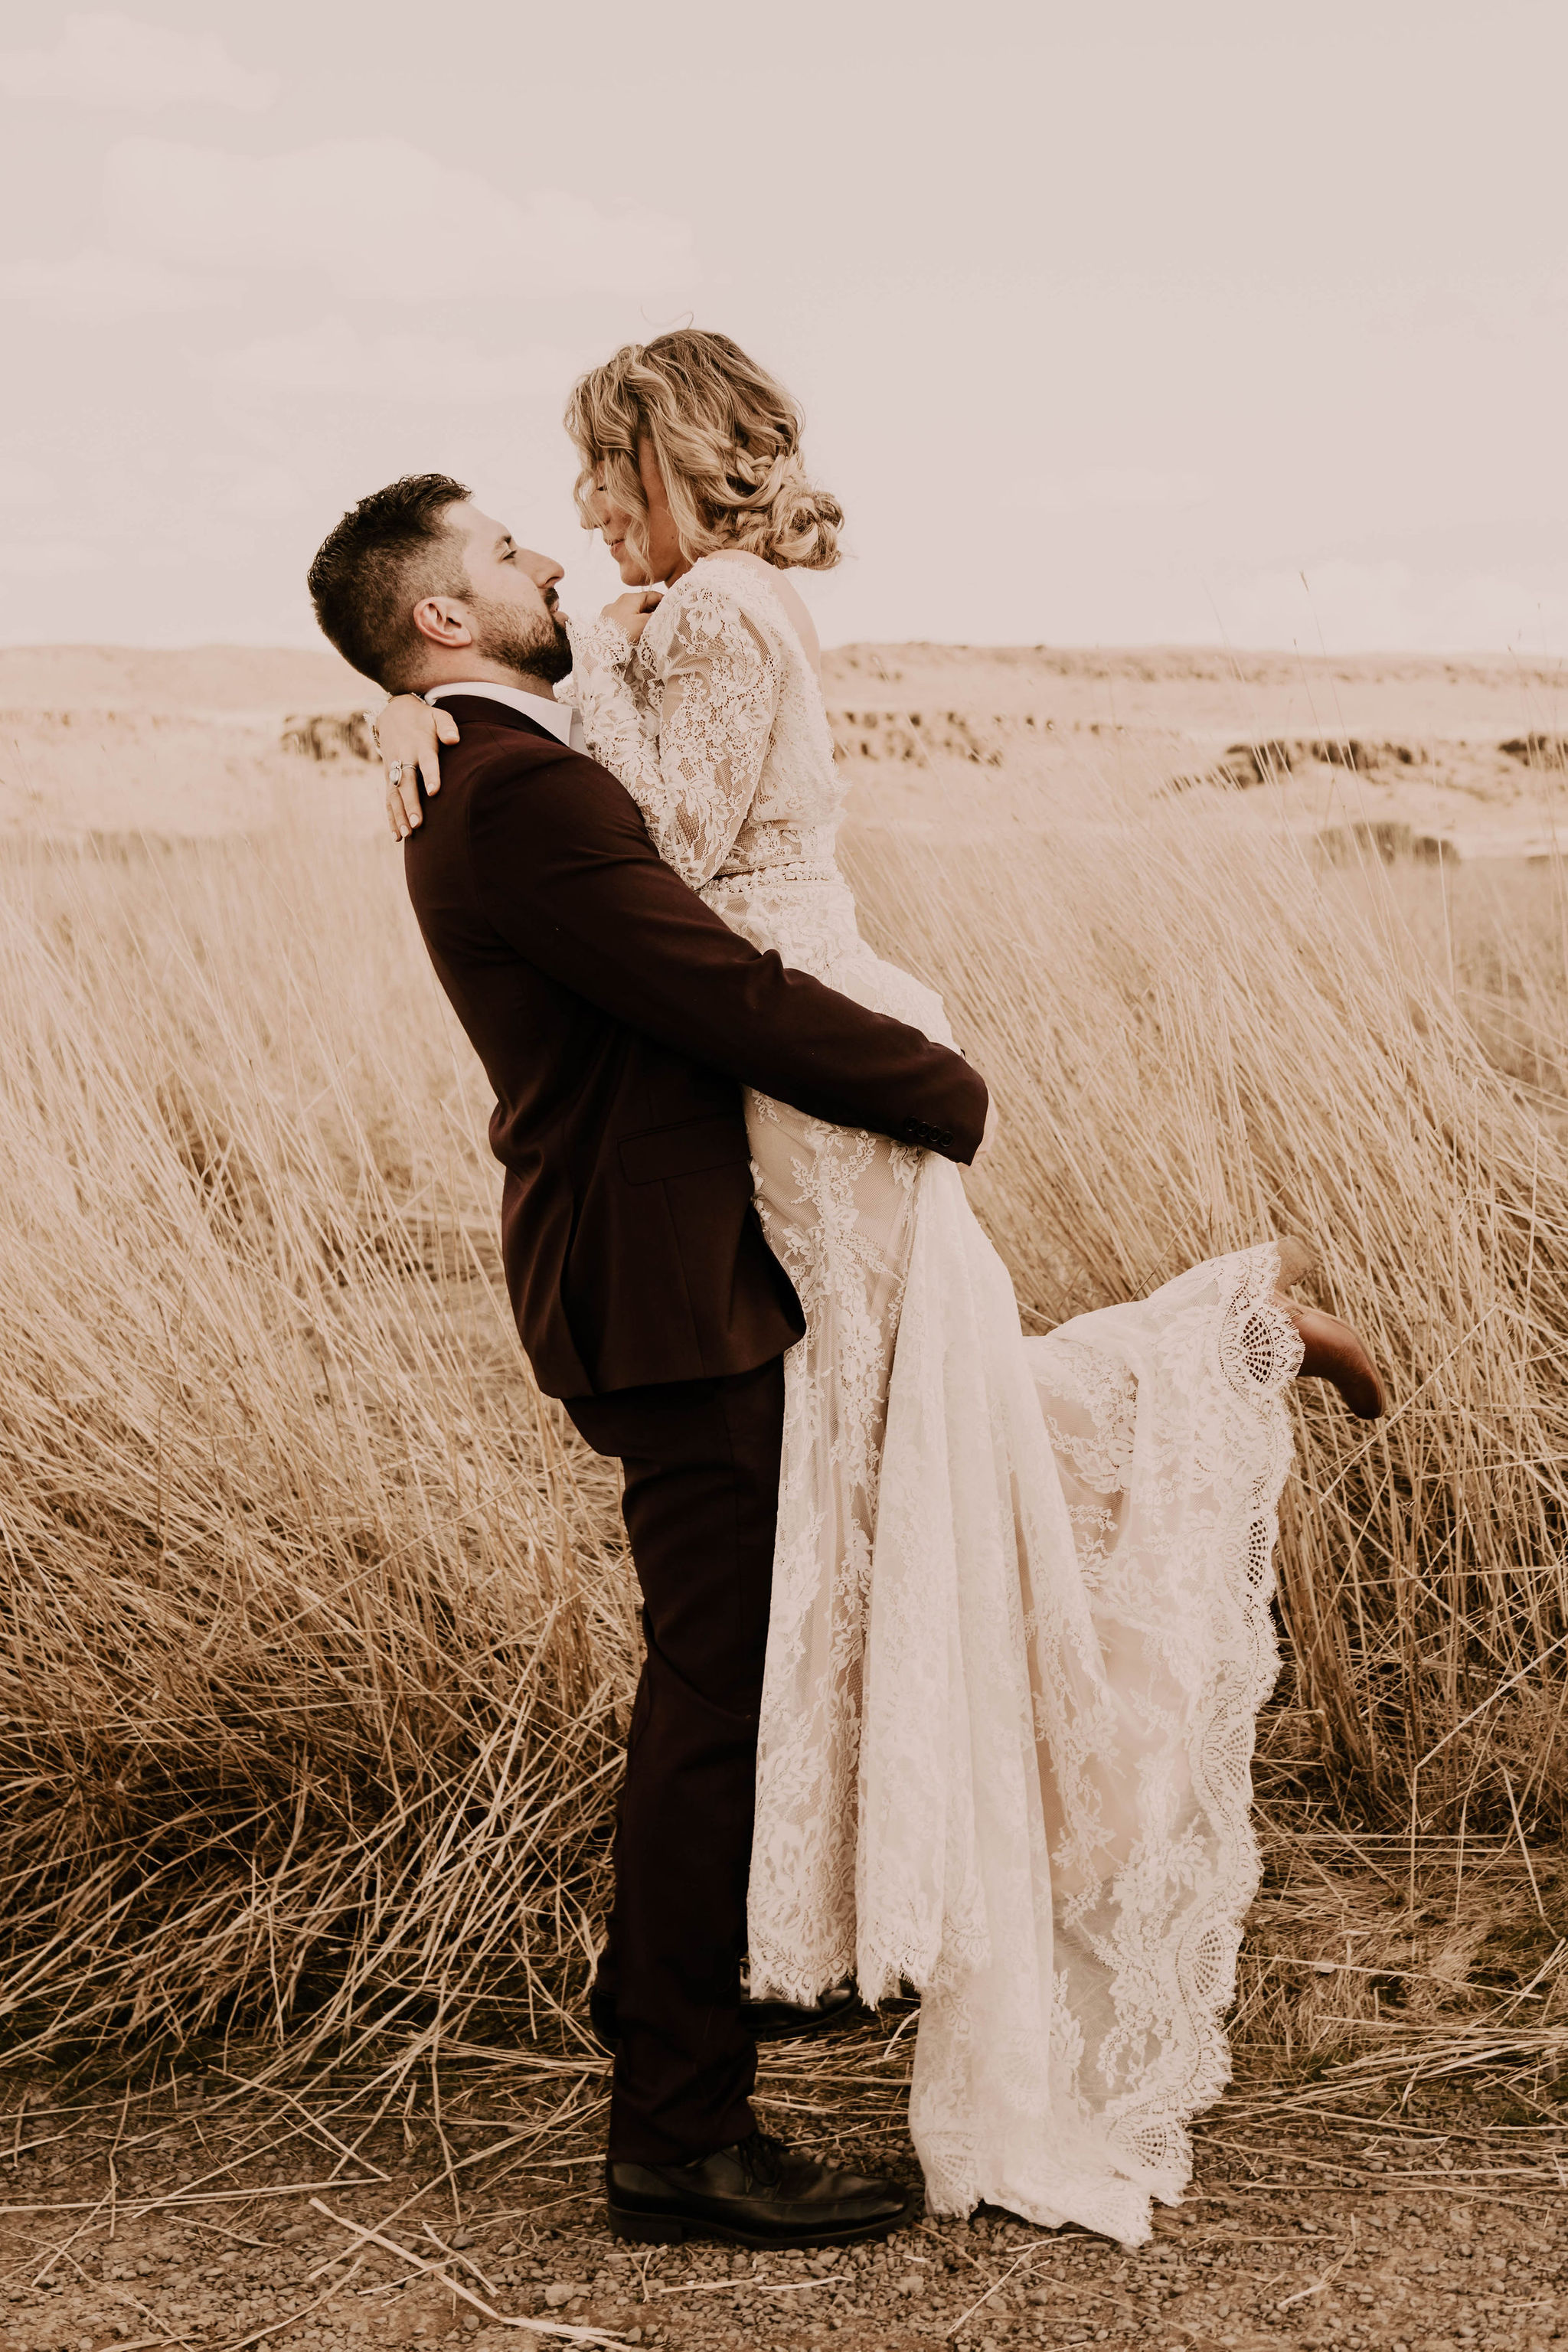 sweet couple spokane summer elopement bride wedding